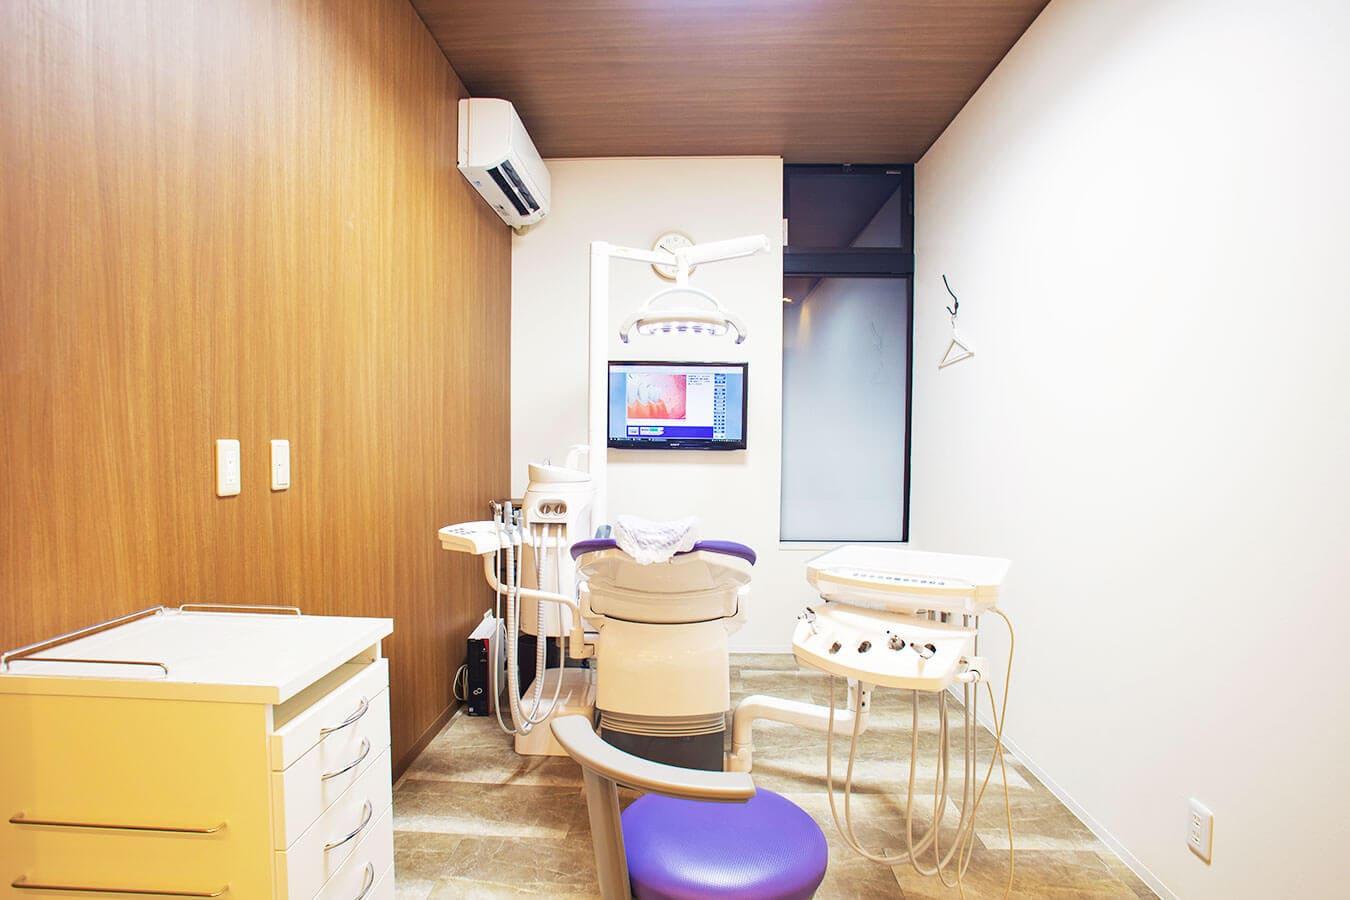 埼玉県 久喜市 青毛 ハートデンタルクリニック 診療室